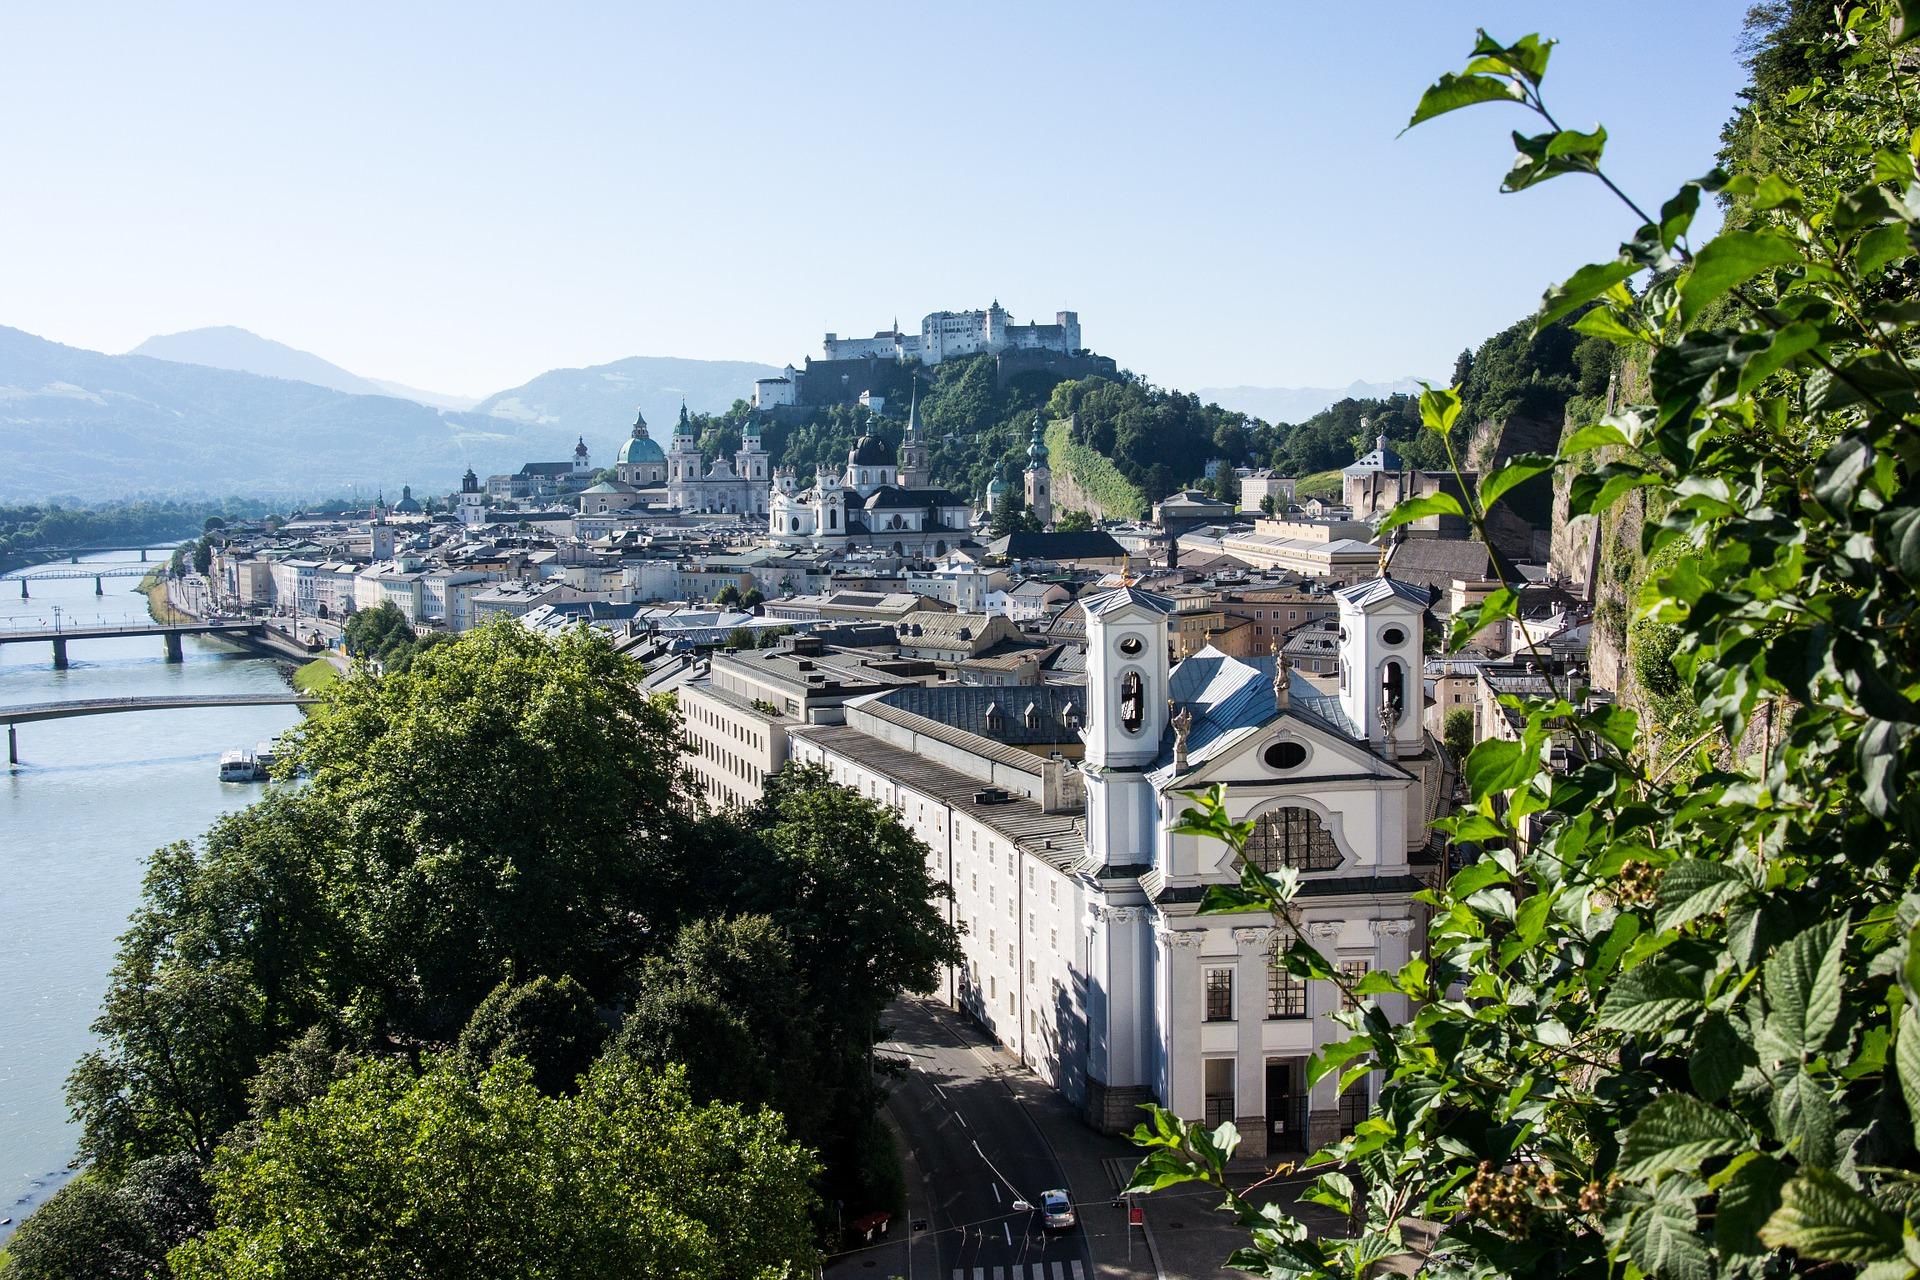 entlang der Salzach radeln Sie in die Stadt Salzburg - einen Besuch wert